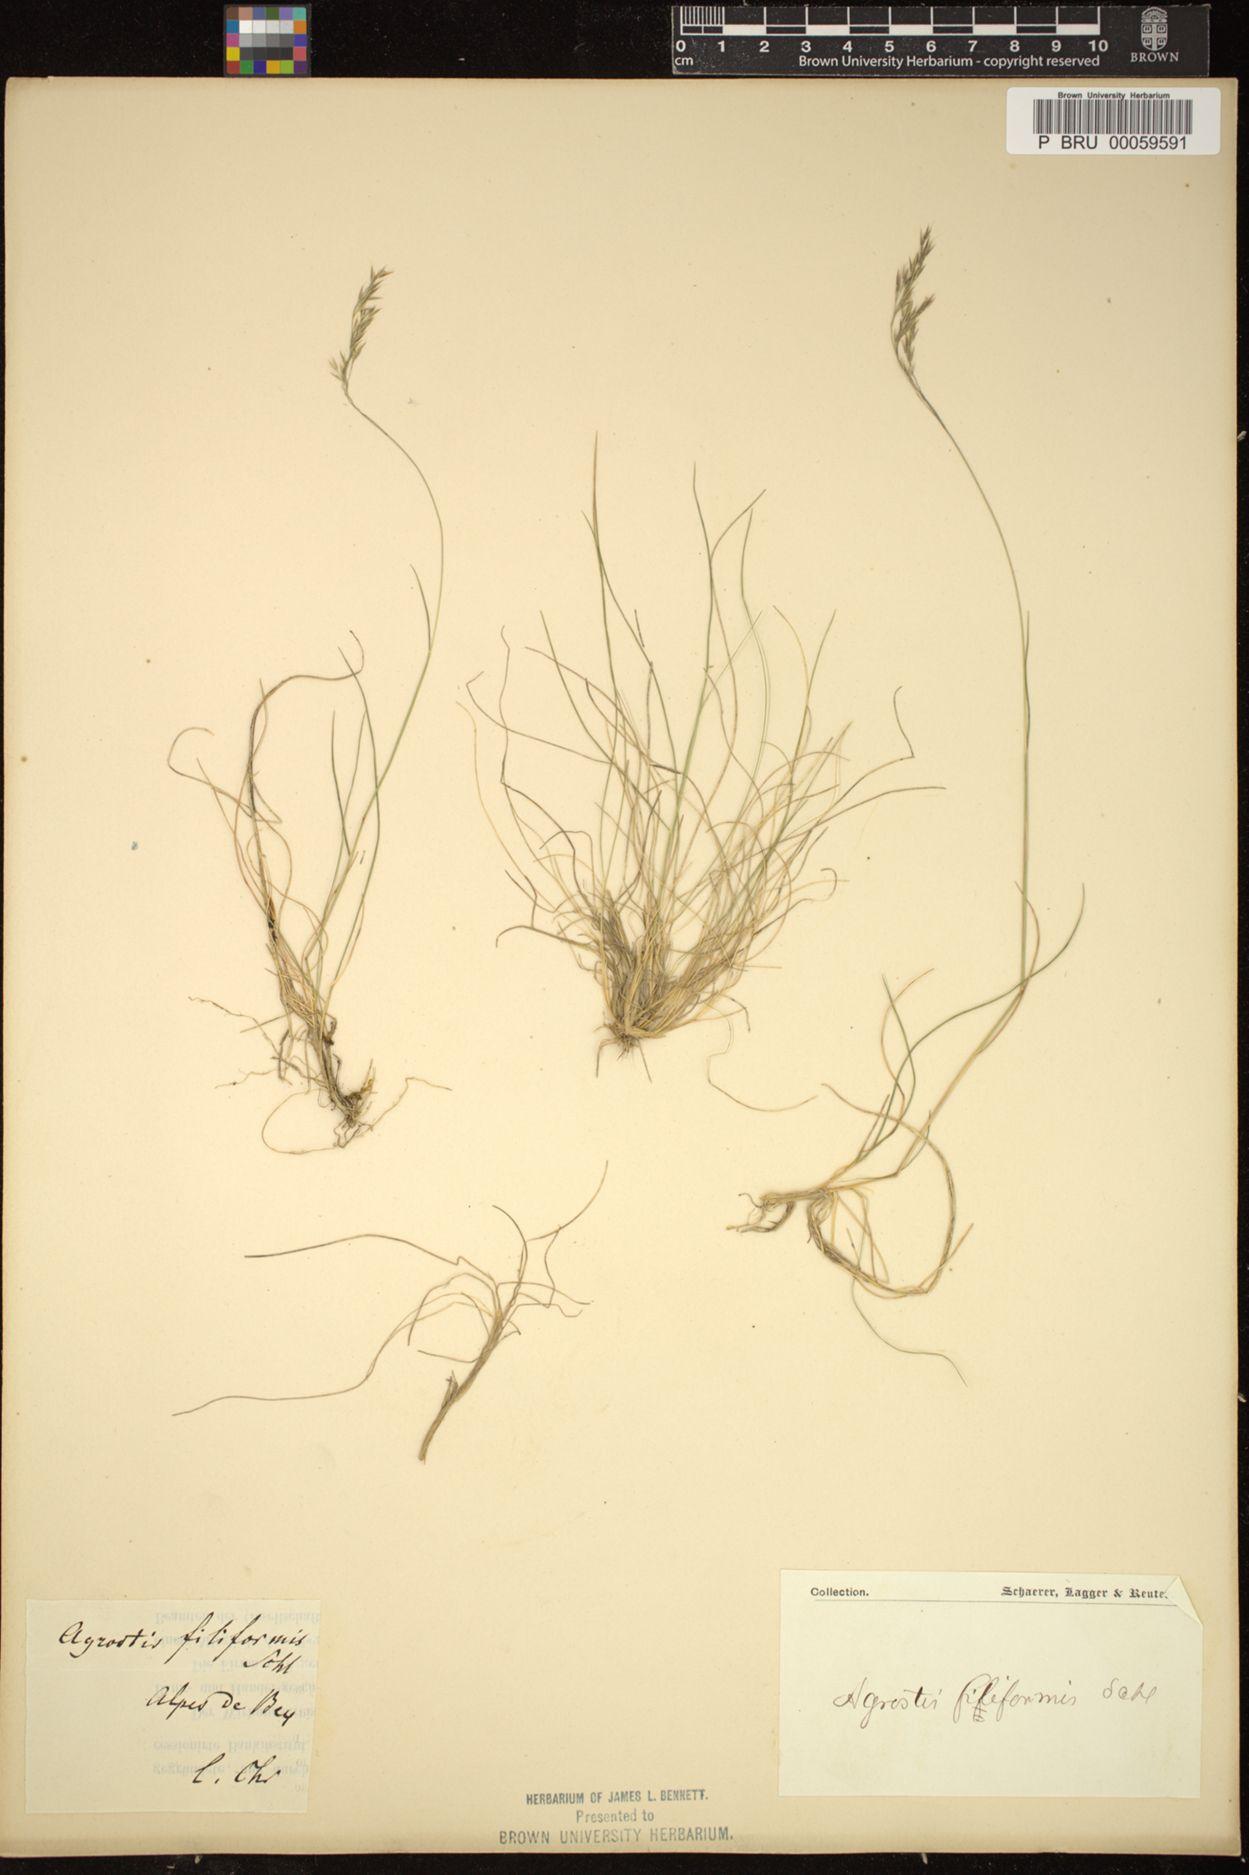 Agrostis filiformis image